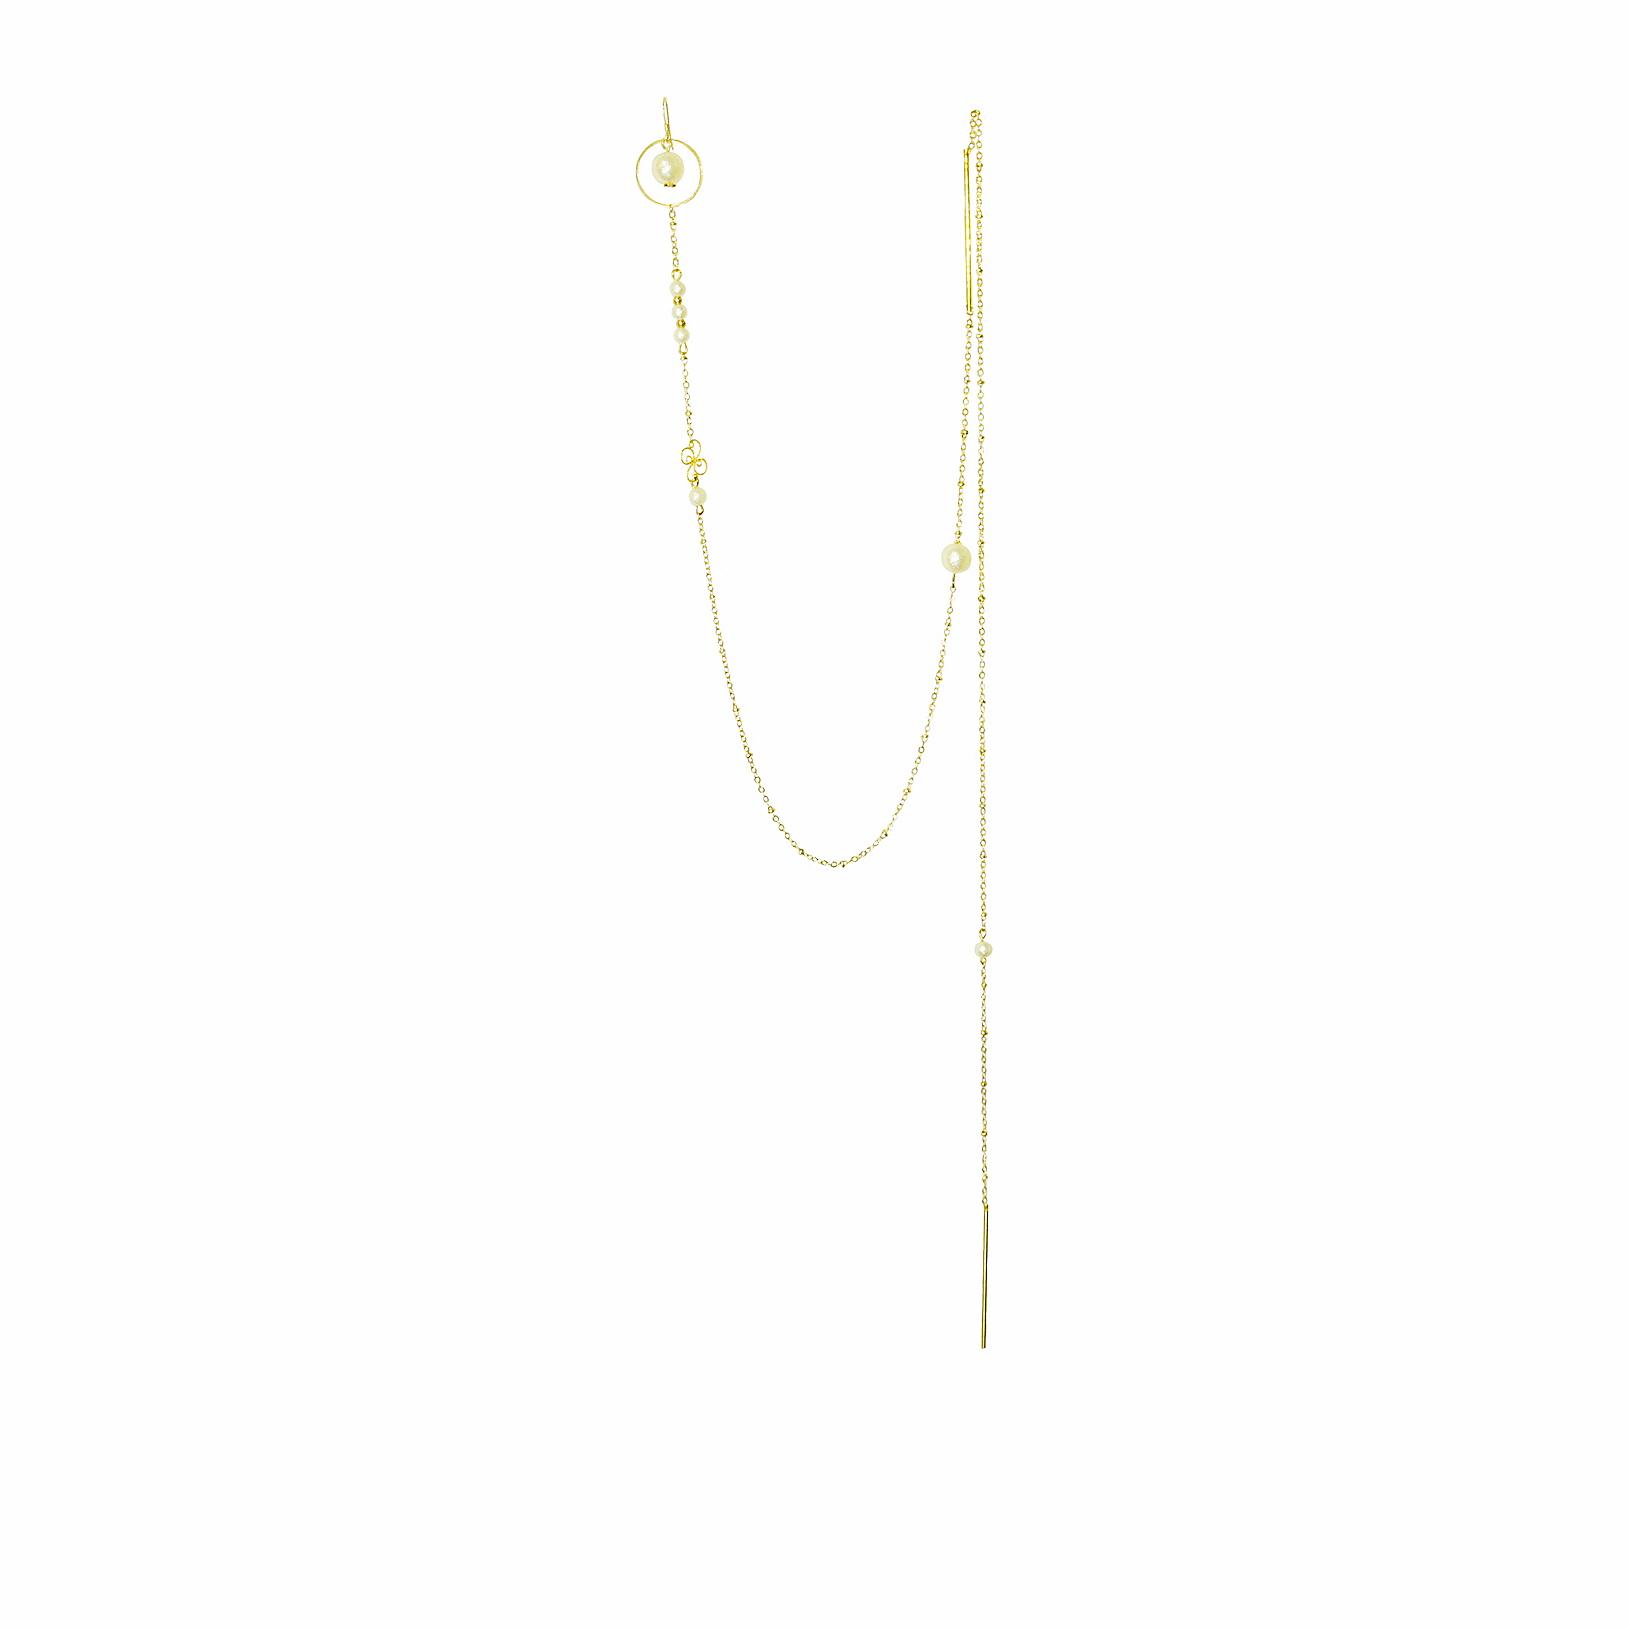 金九九独立设计原创复古优雅珍珠包金超长绕脖项链一体式耳环耳钩